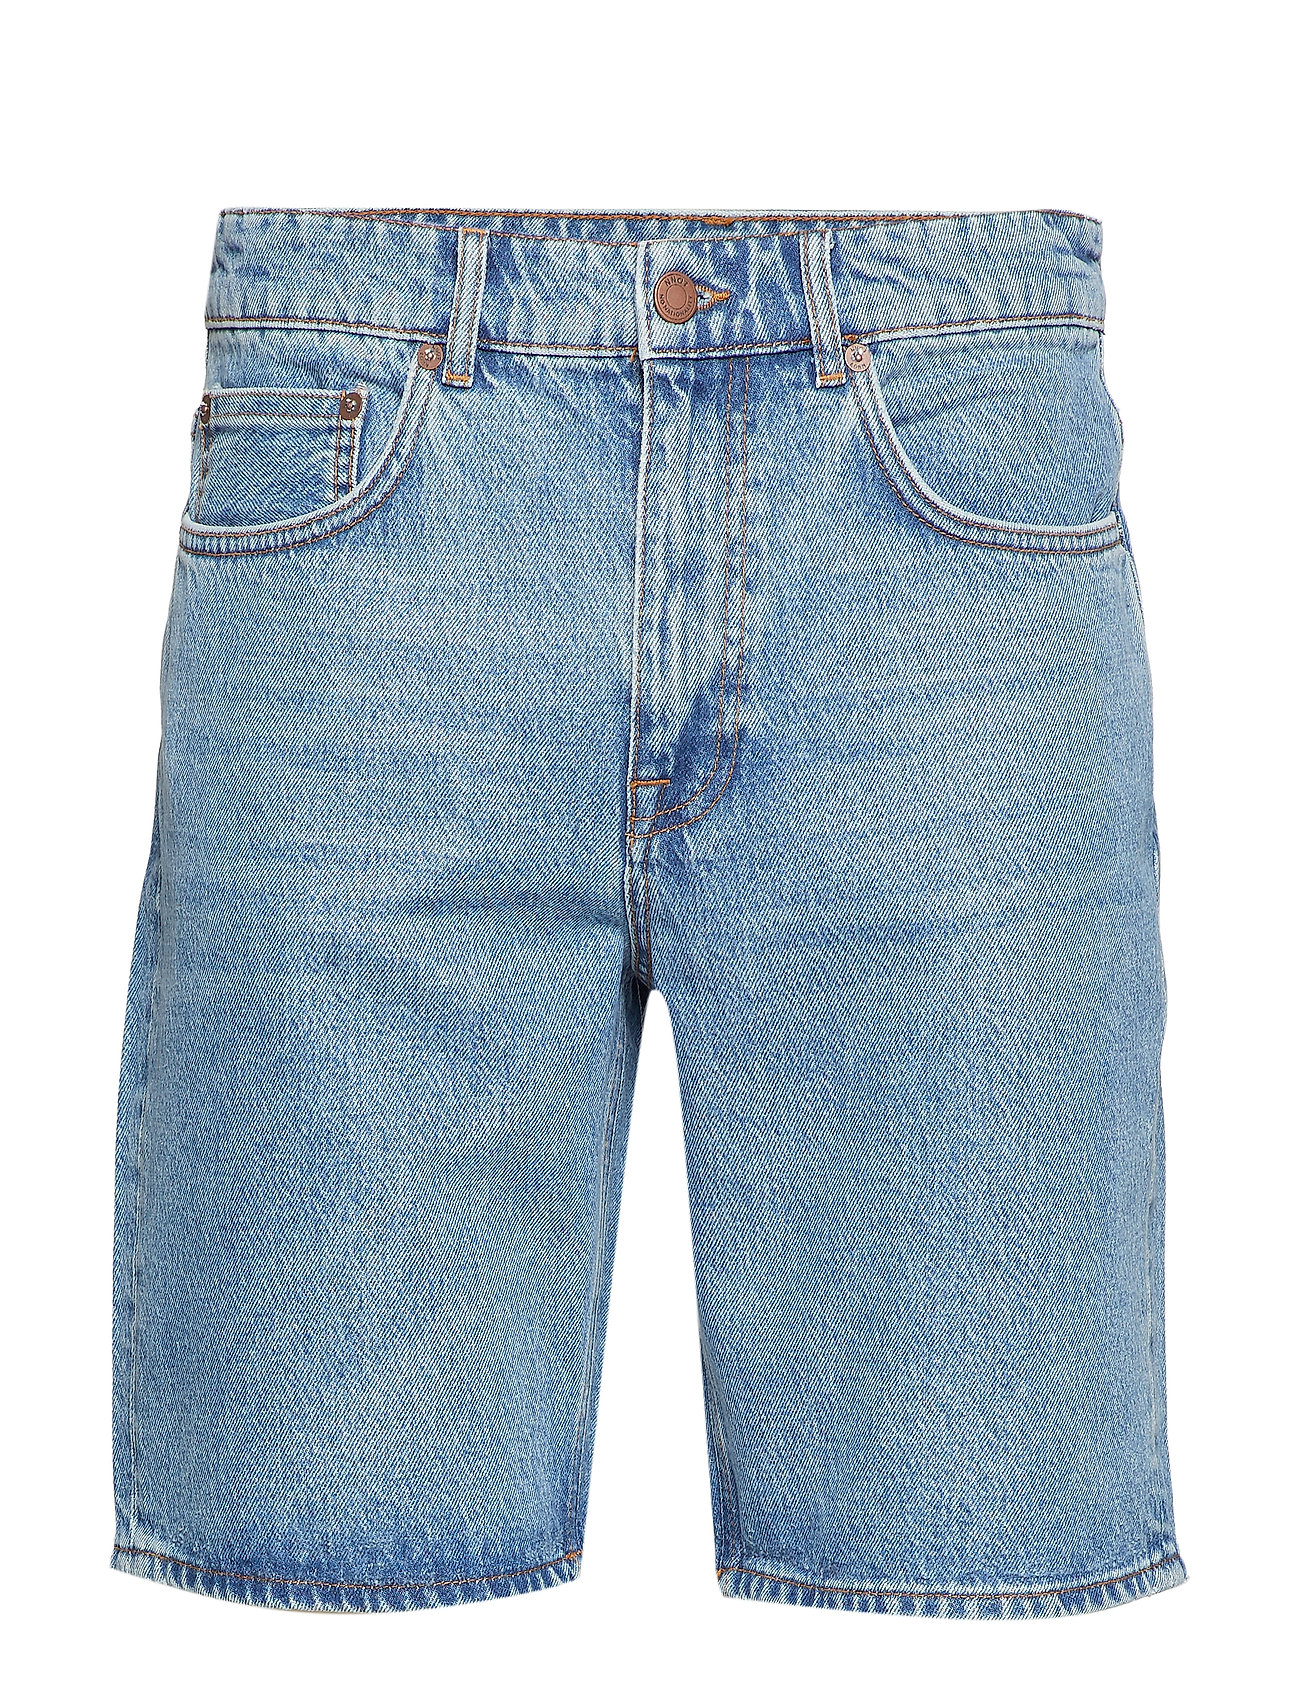 NN07 Jeans Shorts 1817 - BLUE DENIM